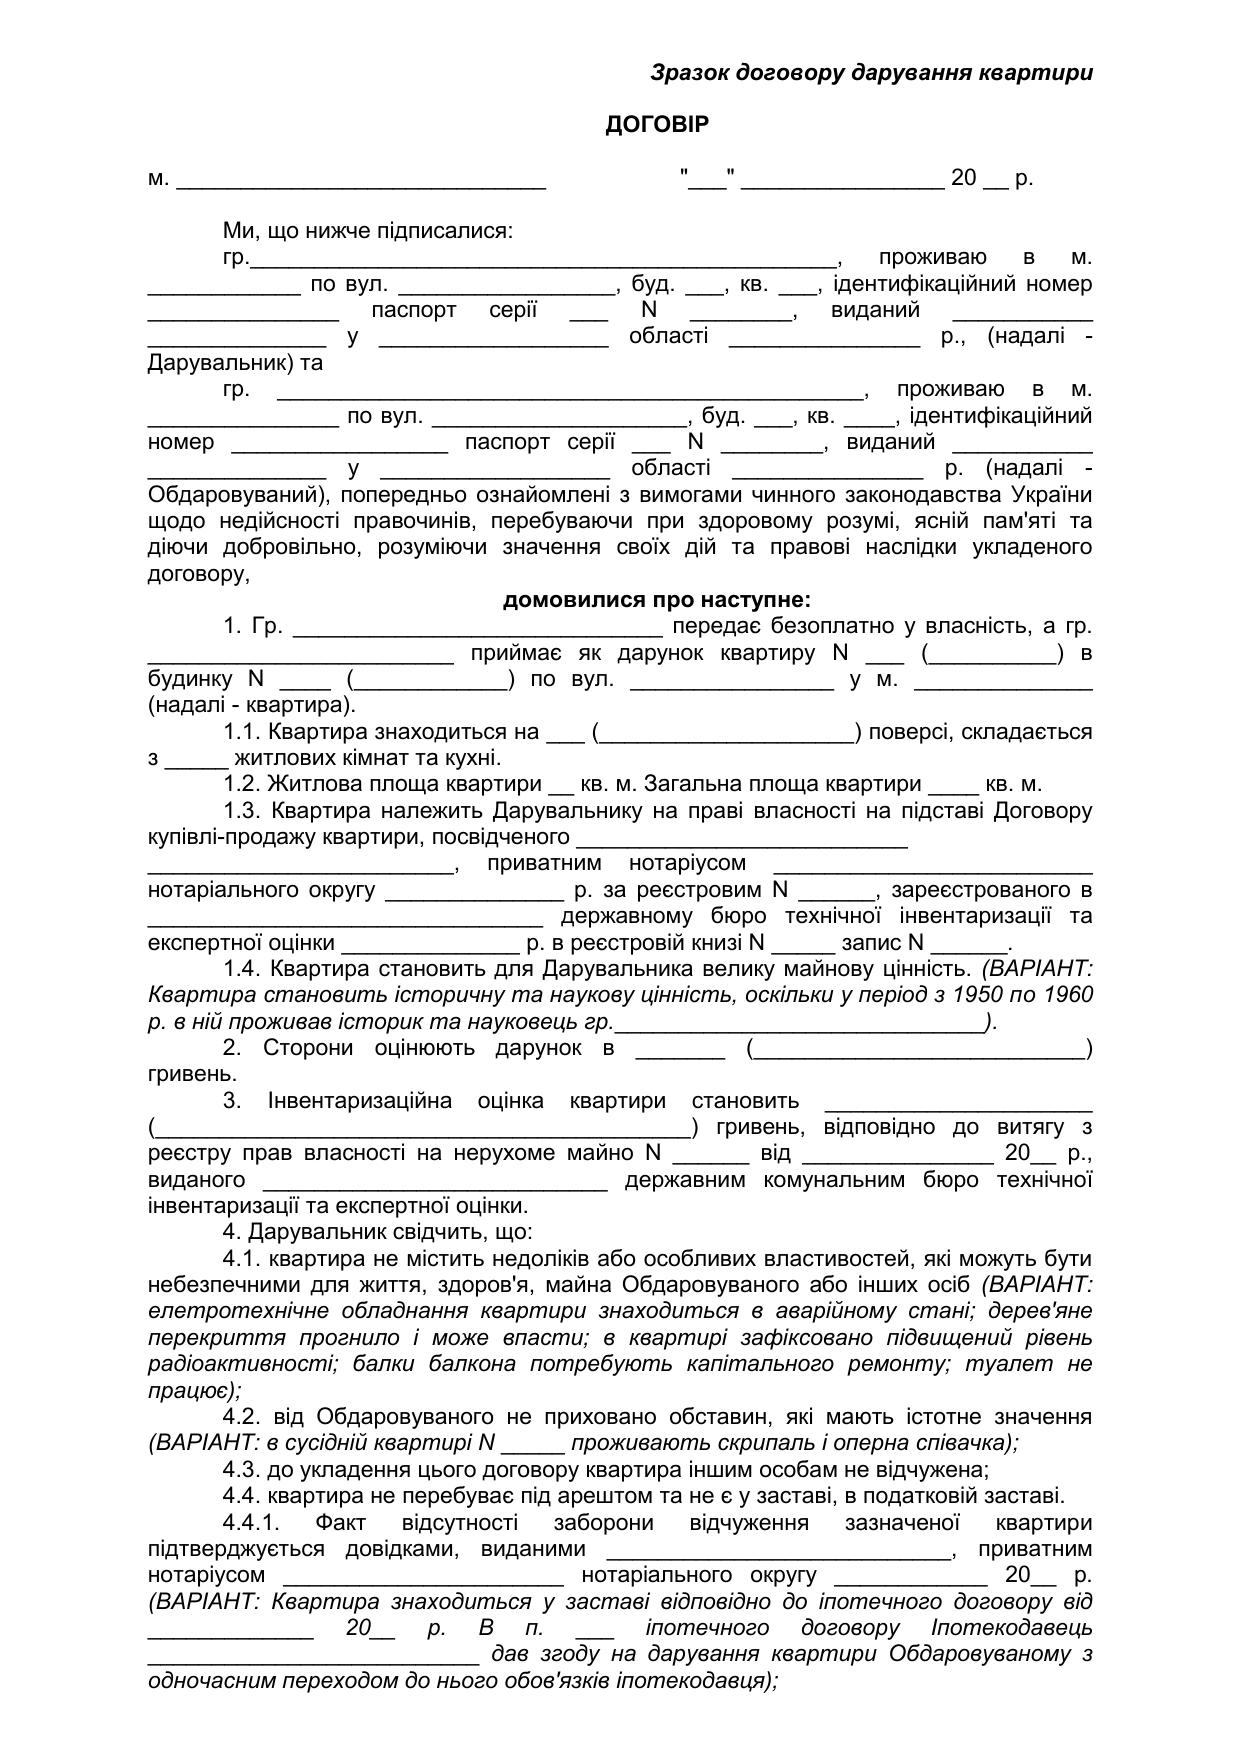 darstvennaya-ili-zaveshchanie-chto-luchshe-ukraina